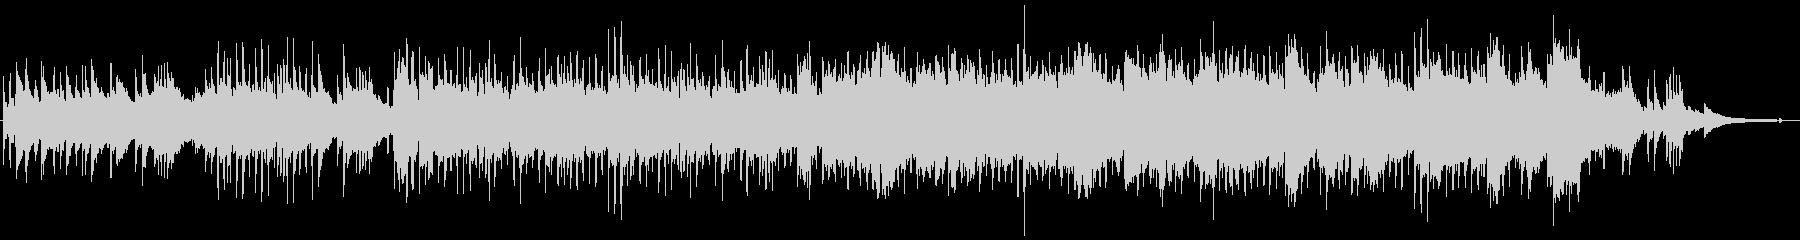 和風BGMの琴や尺八が奏でるメロディの未再生の波形